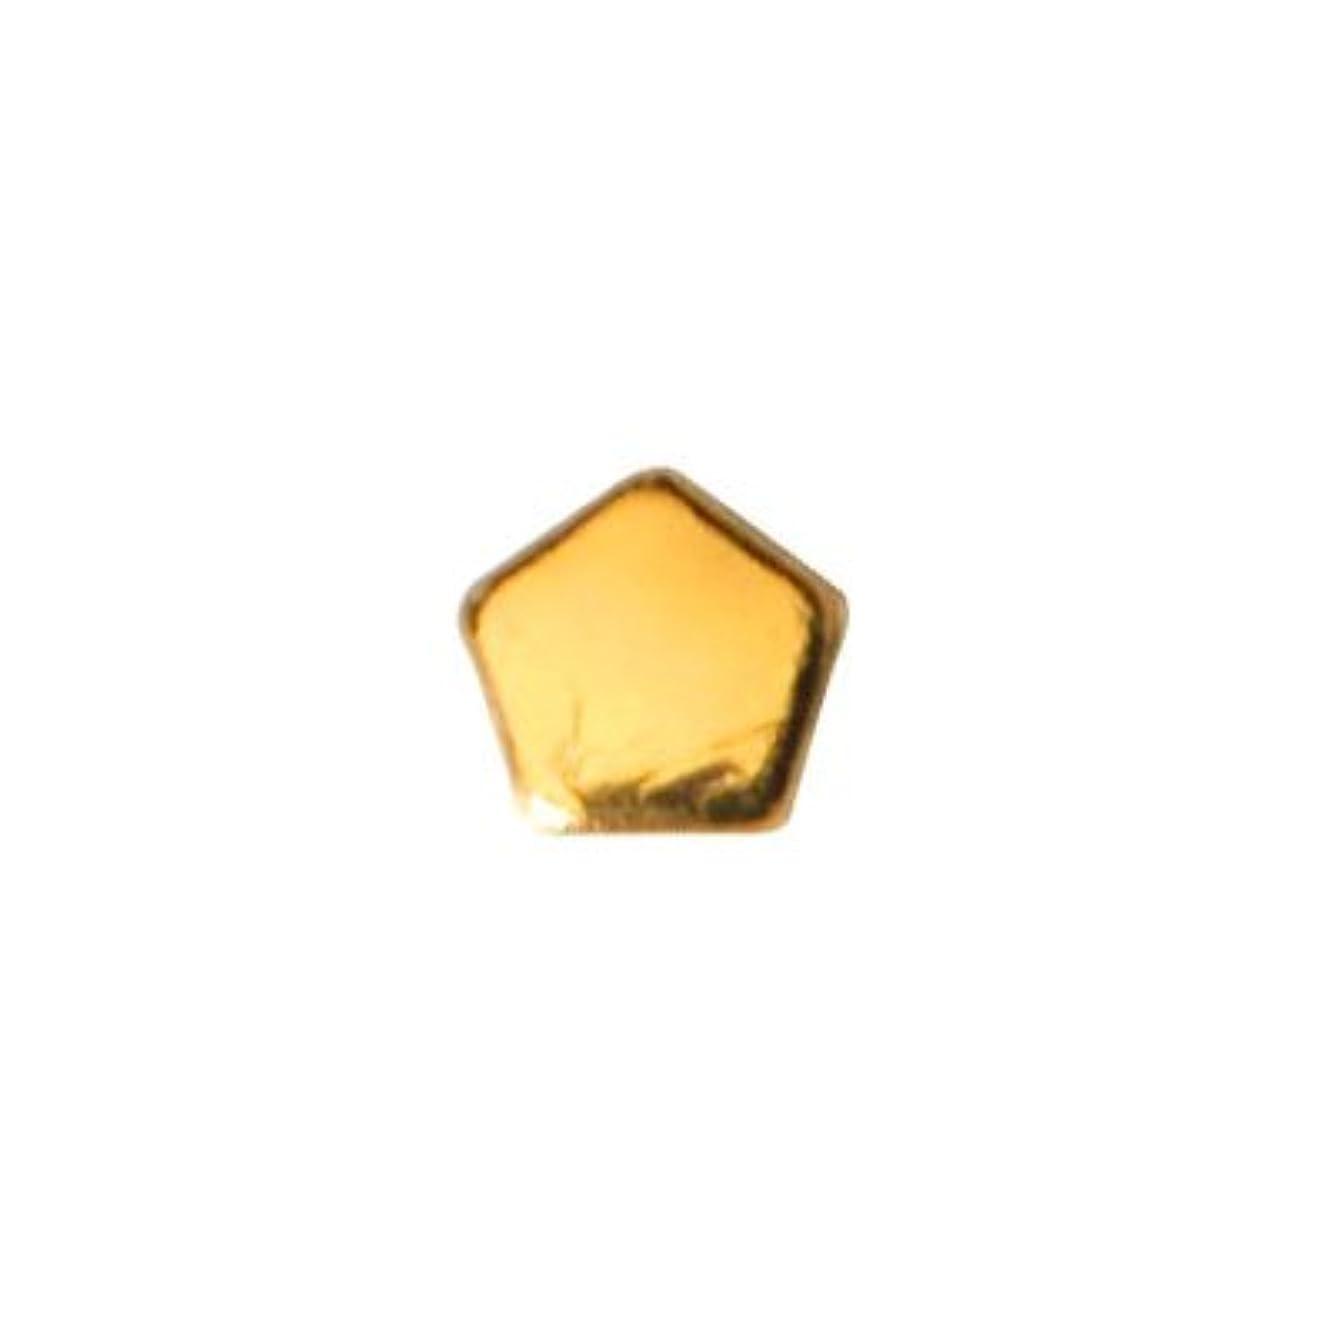 賛美歌教養がある霜ピアドラ スタッズ ペンタゴン 2mm 50P ゴールド